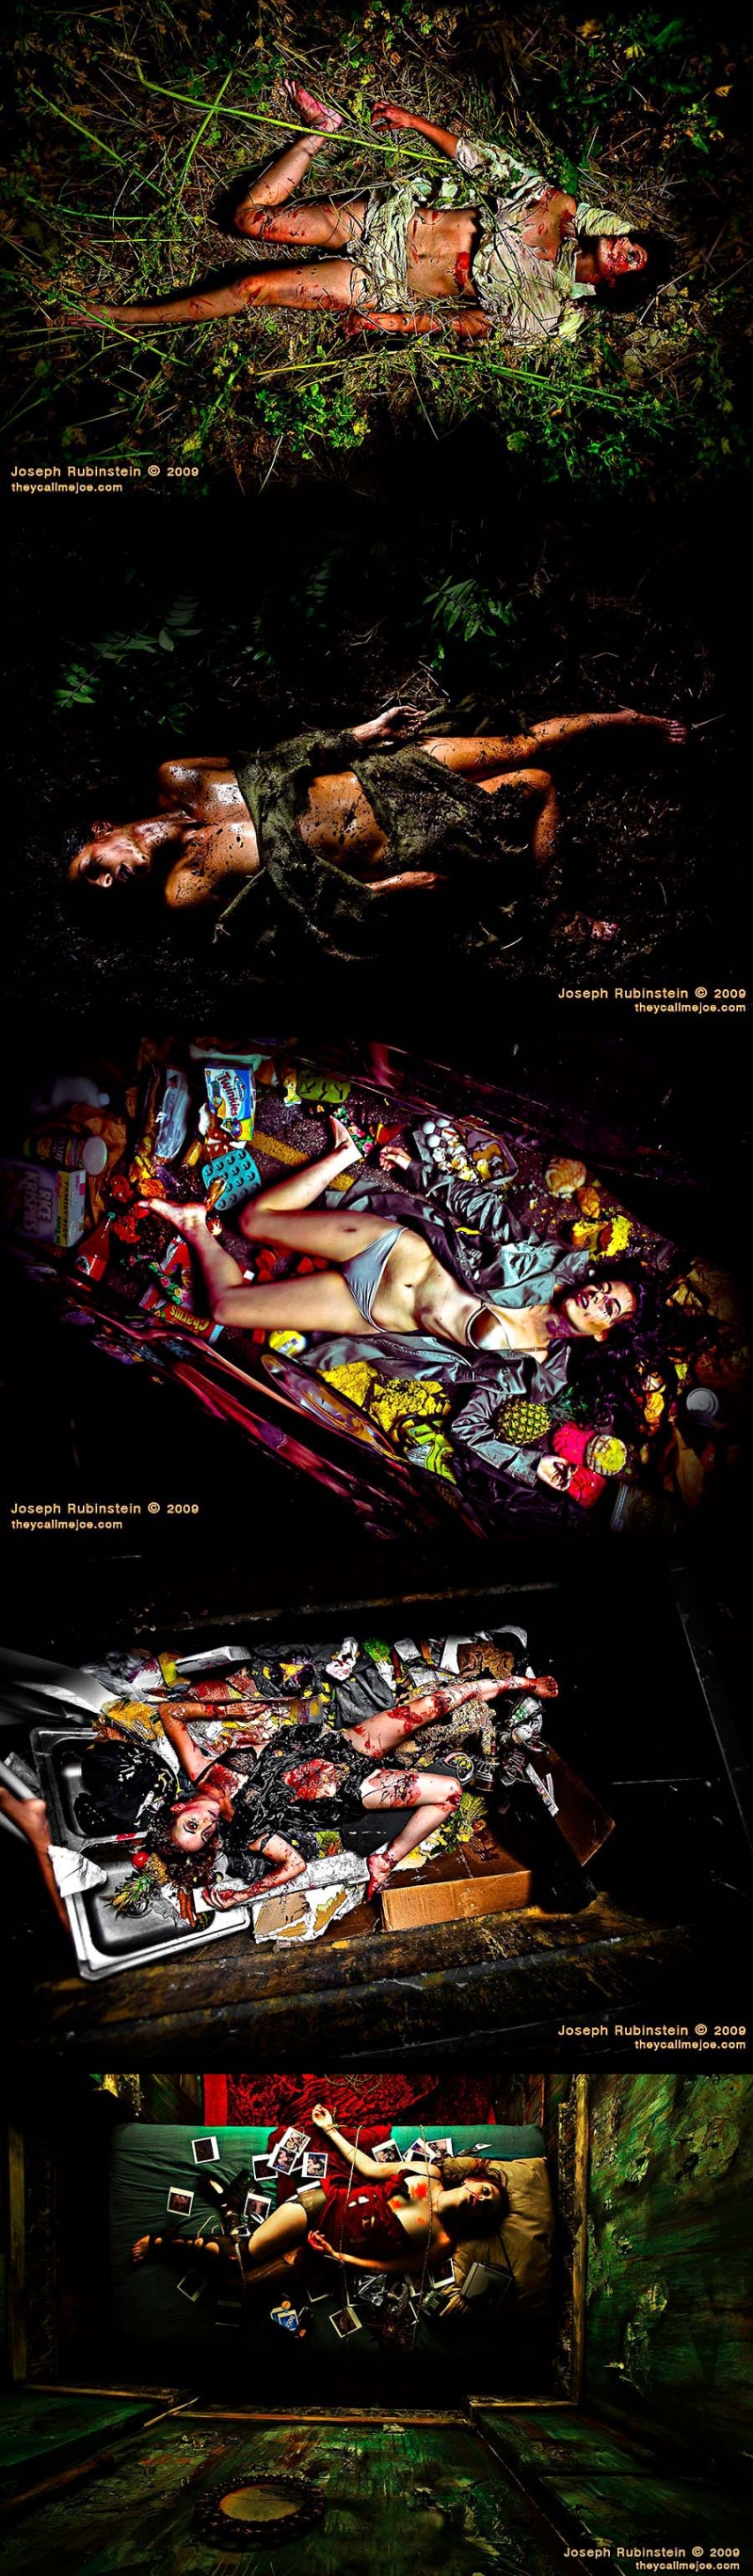 Various Jul 24, 2009 Joseph Rubinstein 2009 CSI like crime scenes inspired by WeeGee